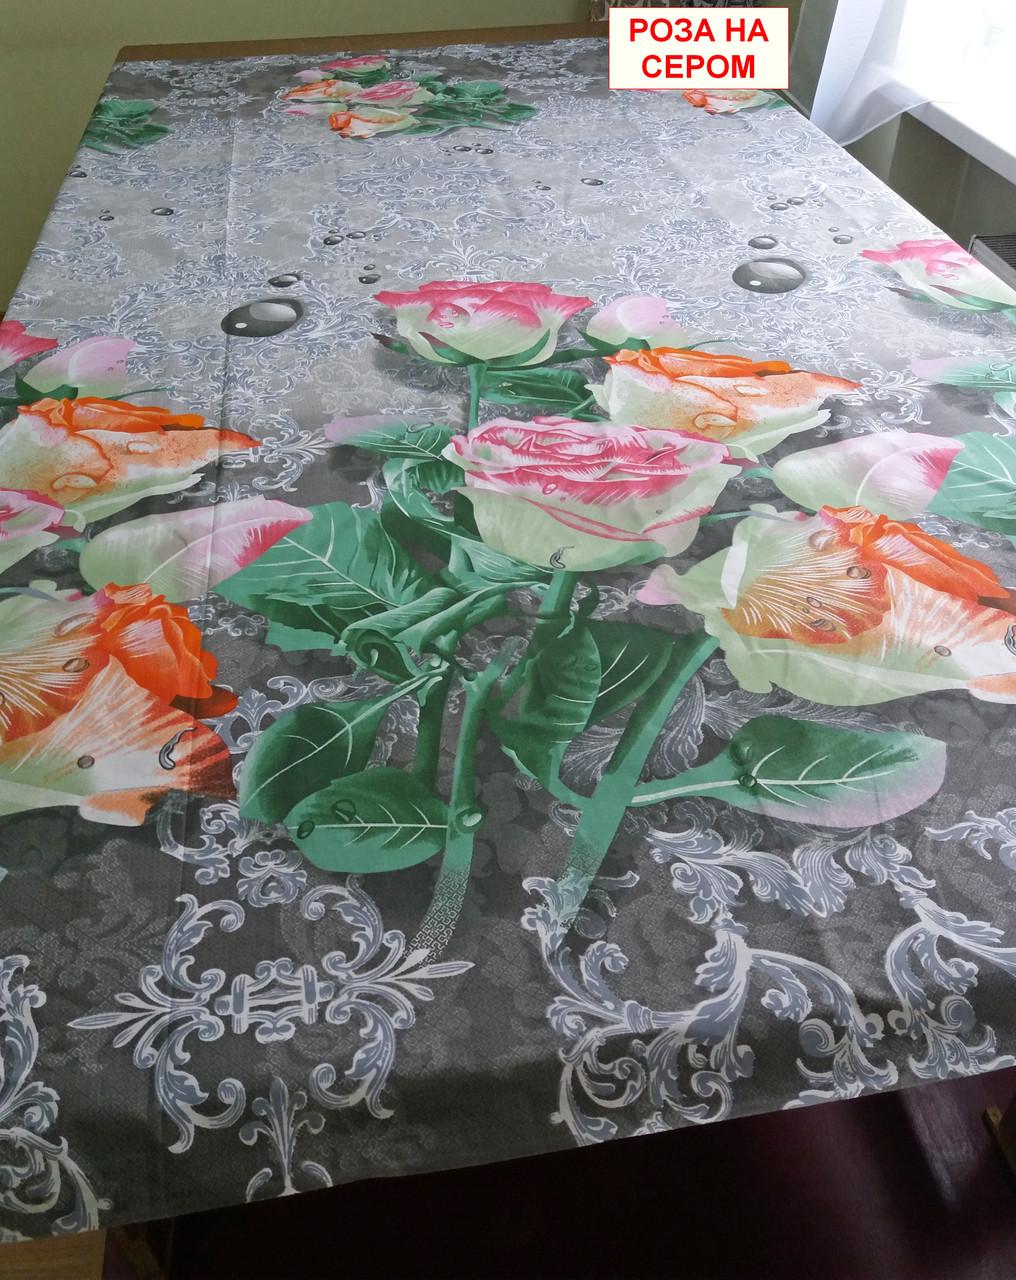 Двуспальная бязевая простынь - Роза на сером